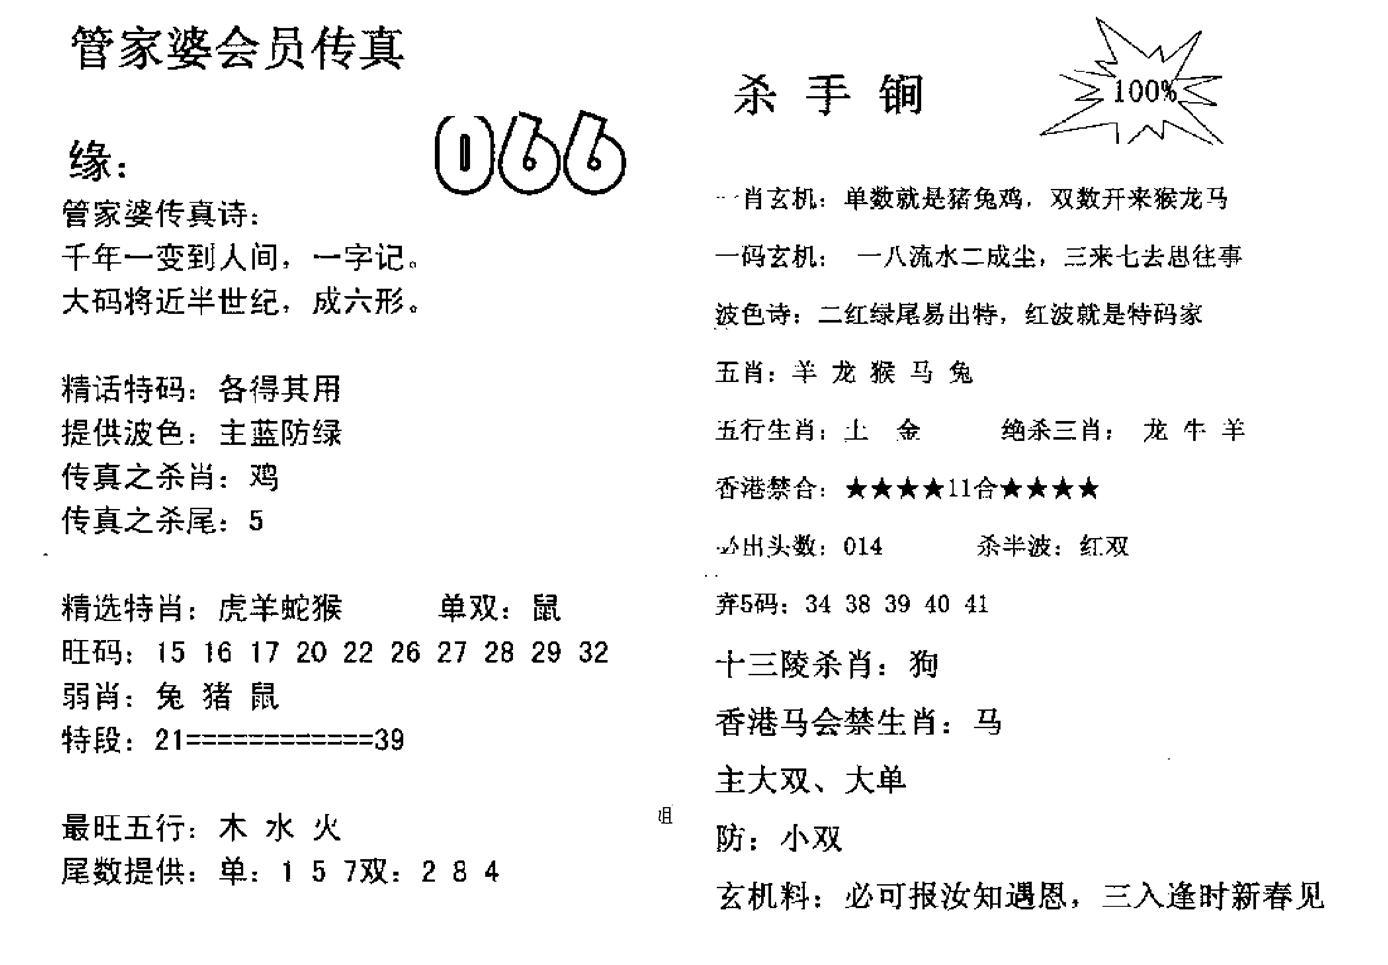 066期管家婆会员传真(黑白)